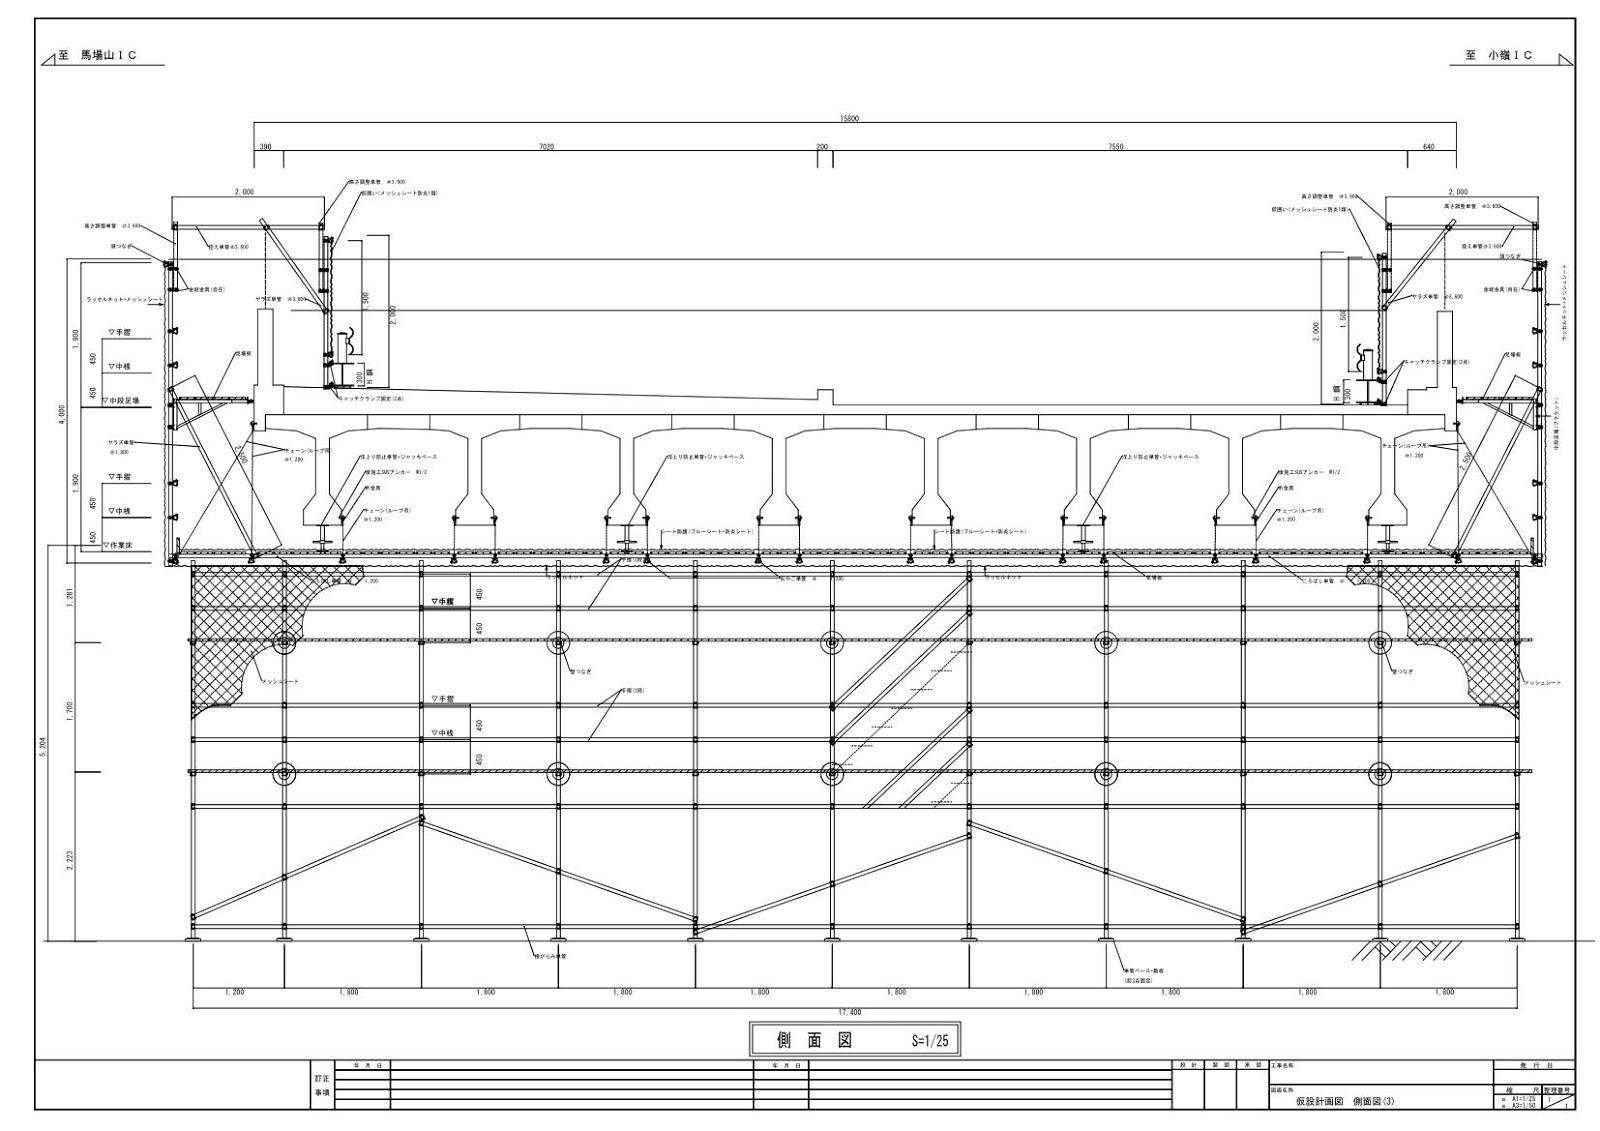 単管足場 側面図 単管足場 側面図 仮設計画図作成代行・各種図面作成代行は↓ FreedomDe